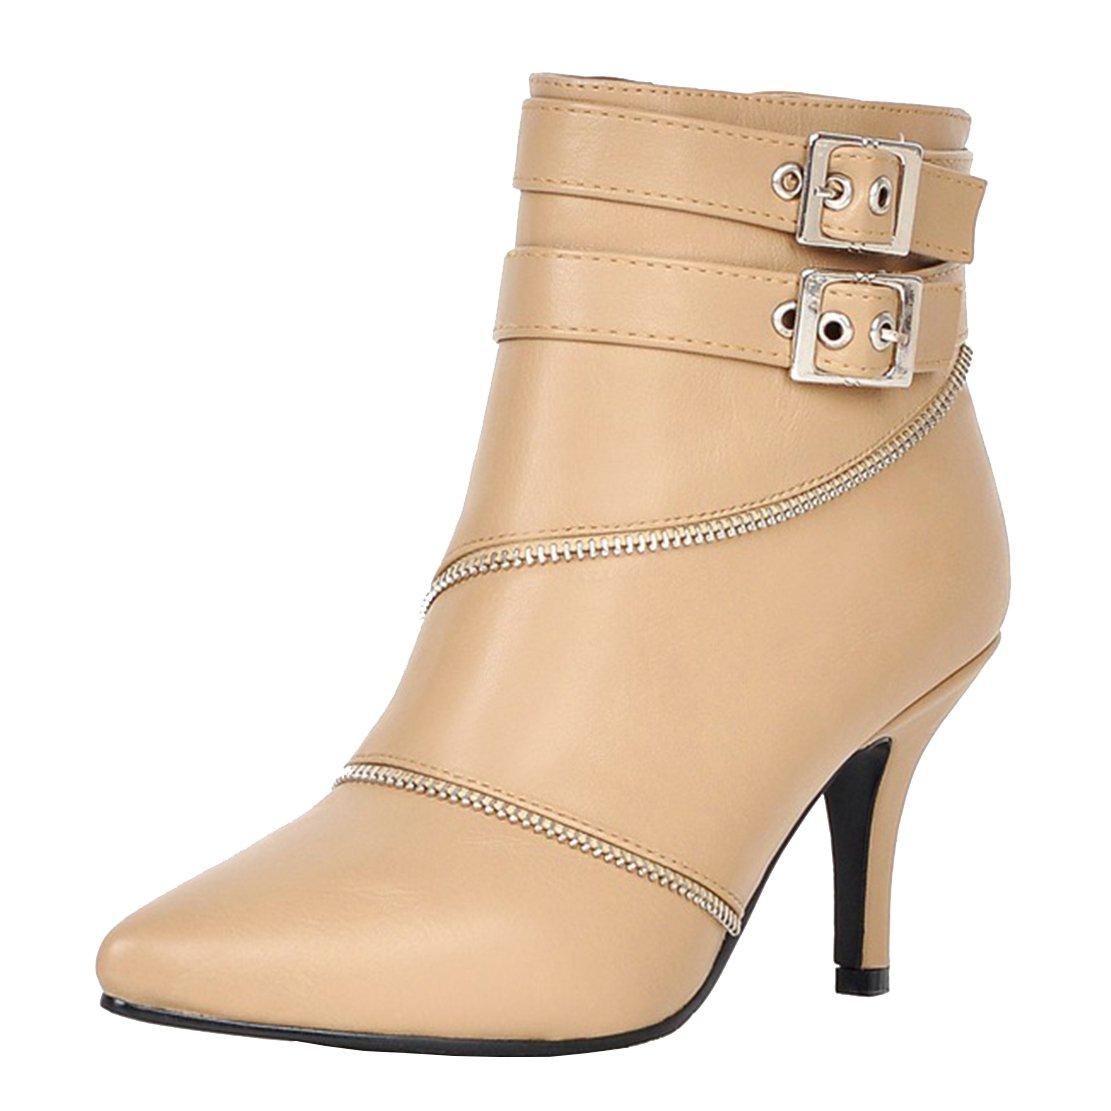 SHOWHOW Damen Sexy Klassischer Winter Boots Spitz High Heels Damenstiefel Beige 34 EU ZelxV